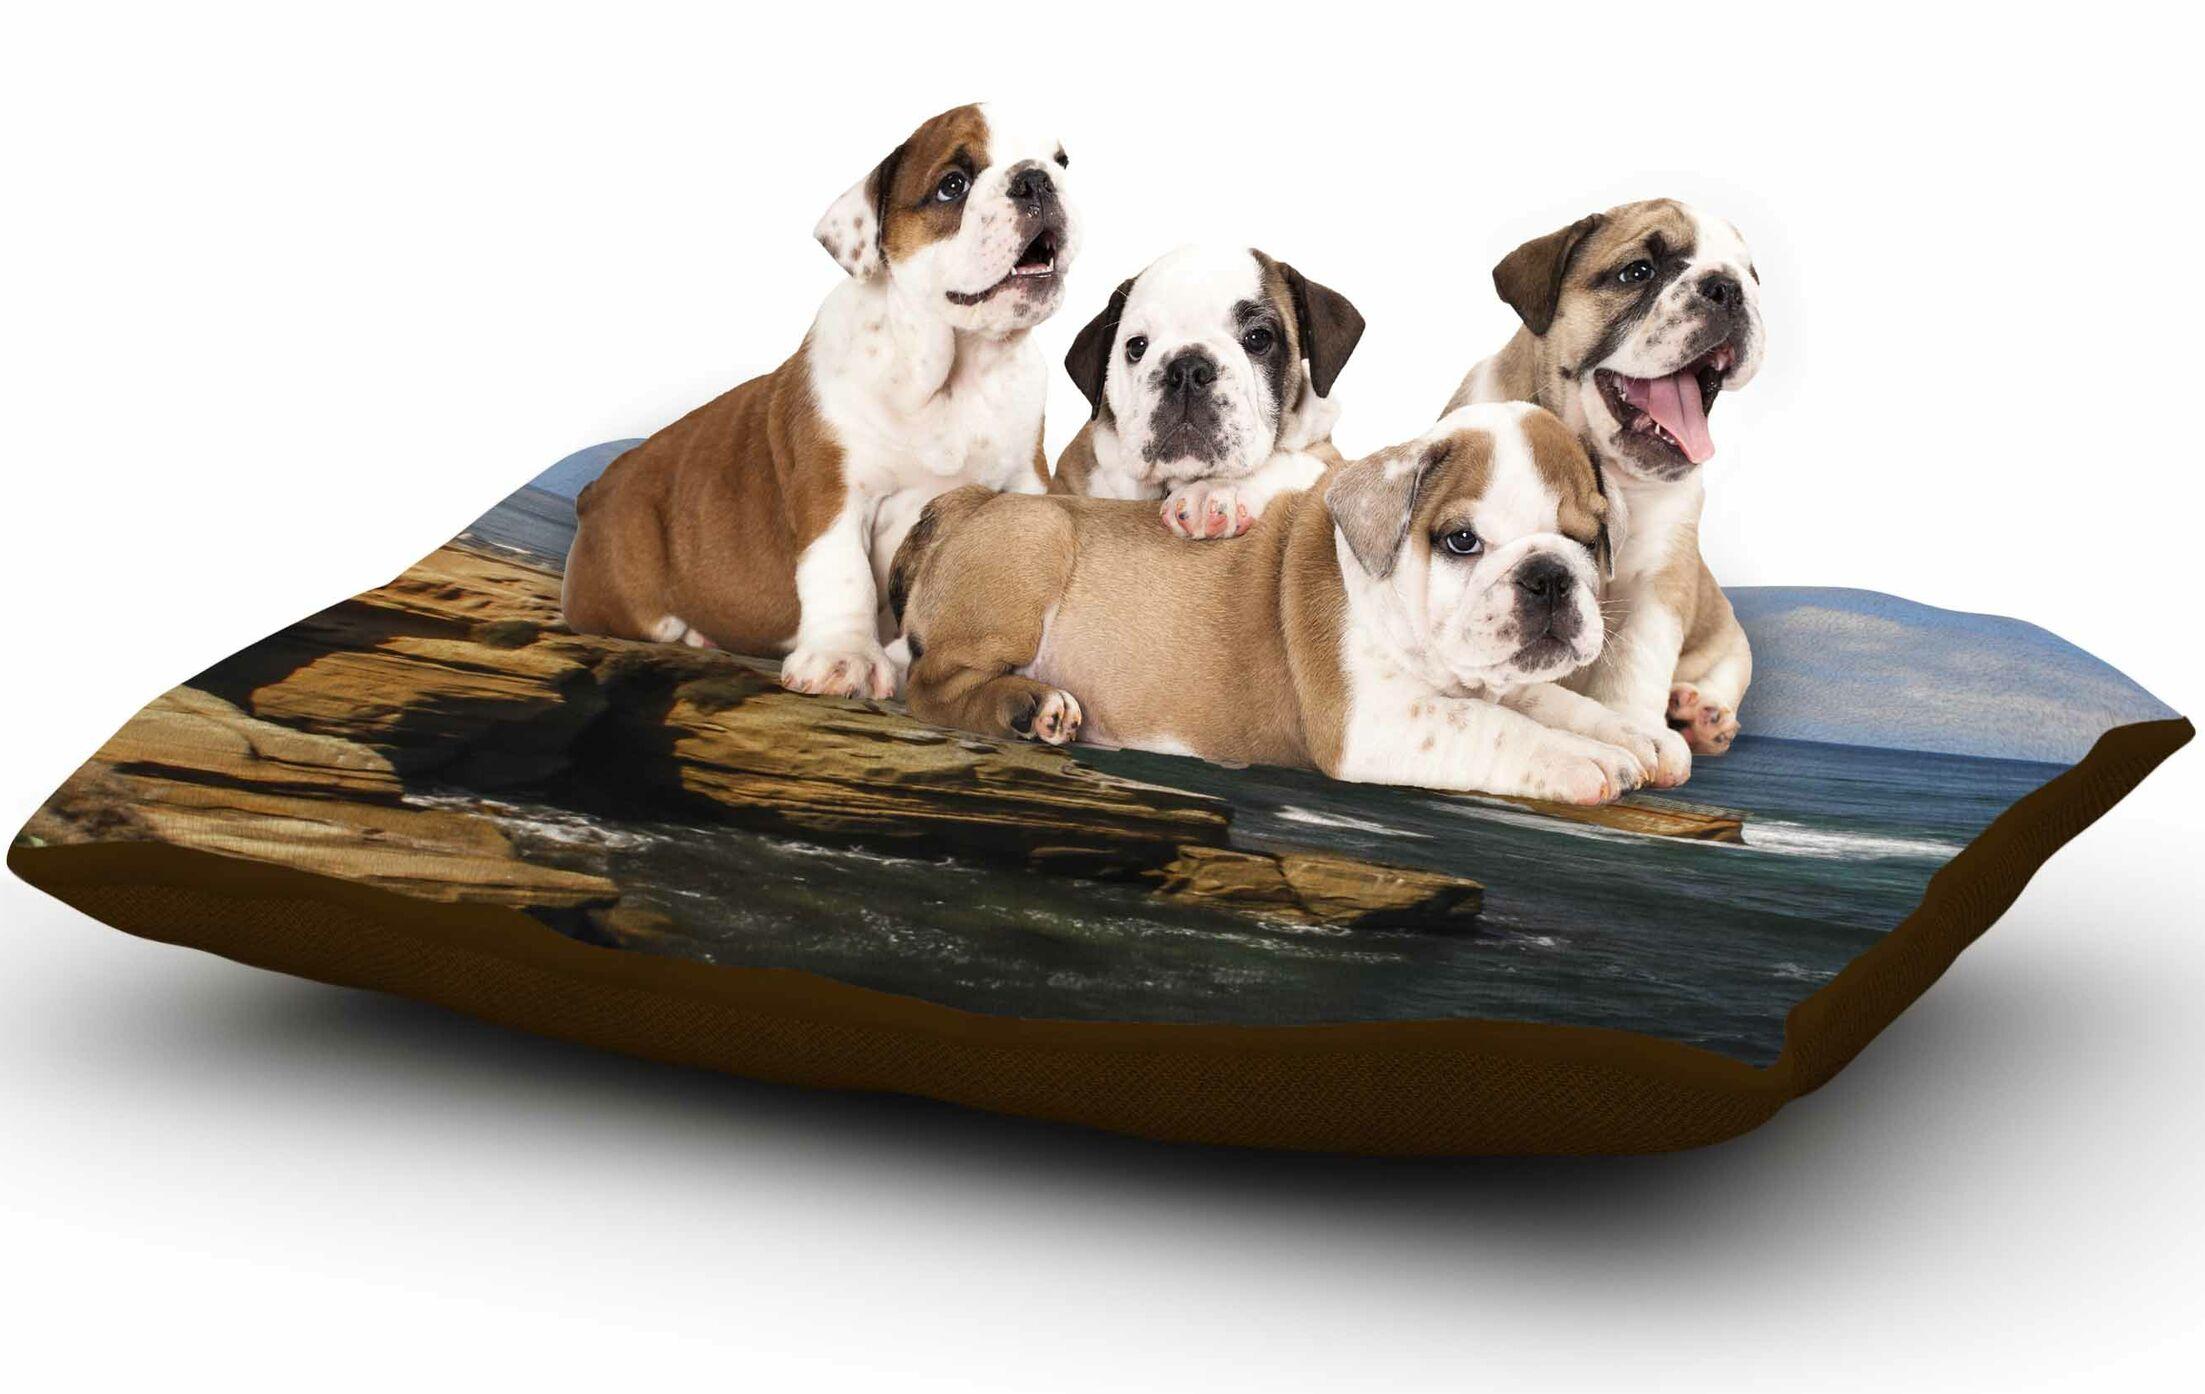 Nick Nareshni 'Ocean Jetty' Dog Pillow with Fleece Cozy Top